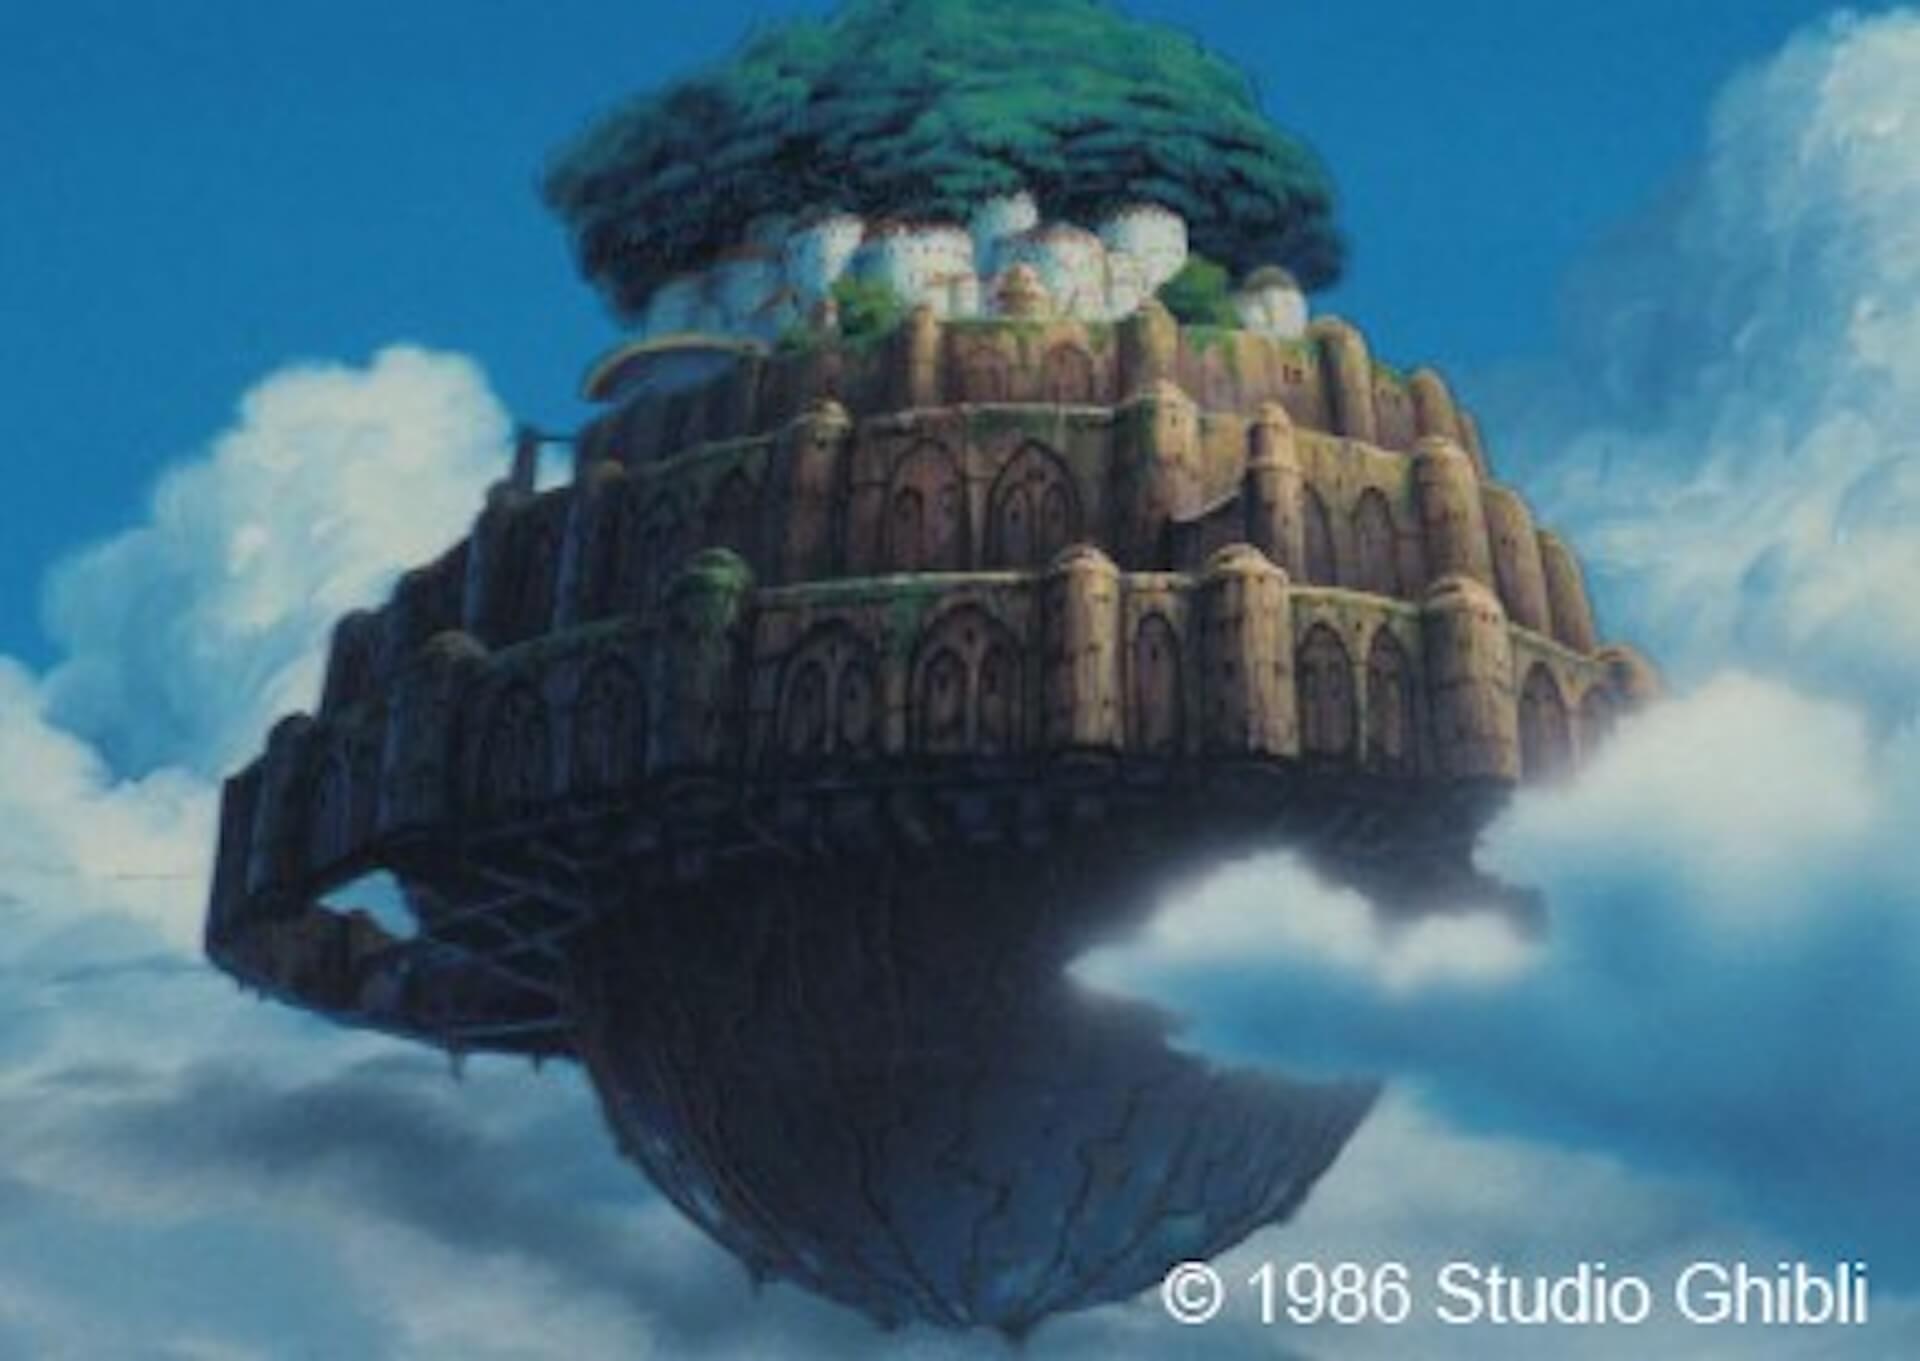 セイコー プレザージュからジブリ作品『天空の城ラピュタ』にインスピレーションを受けた数量限定モデルが登場! life210622_seiko_laputa_5